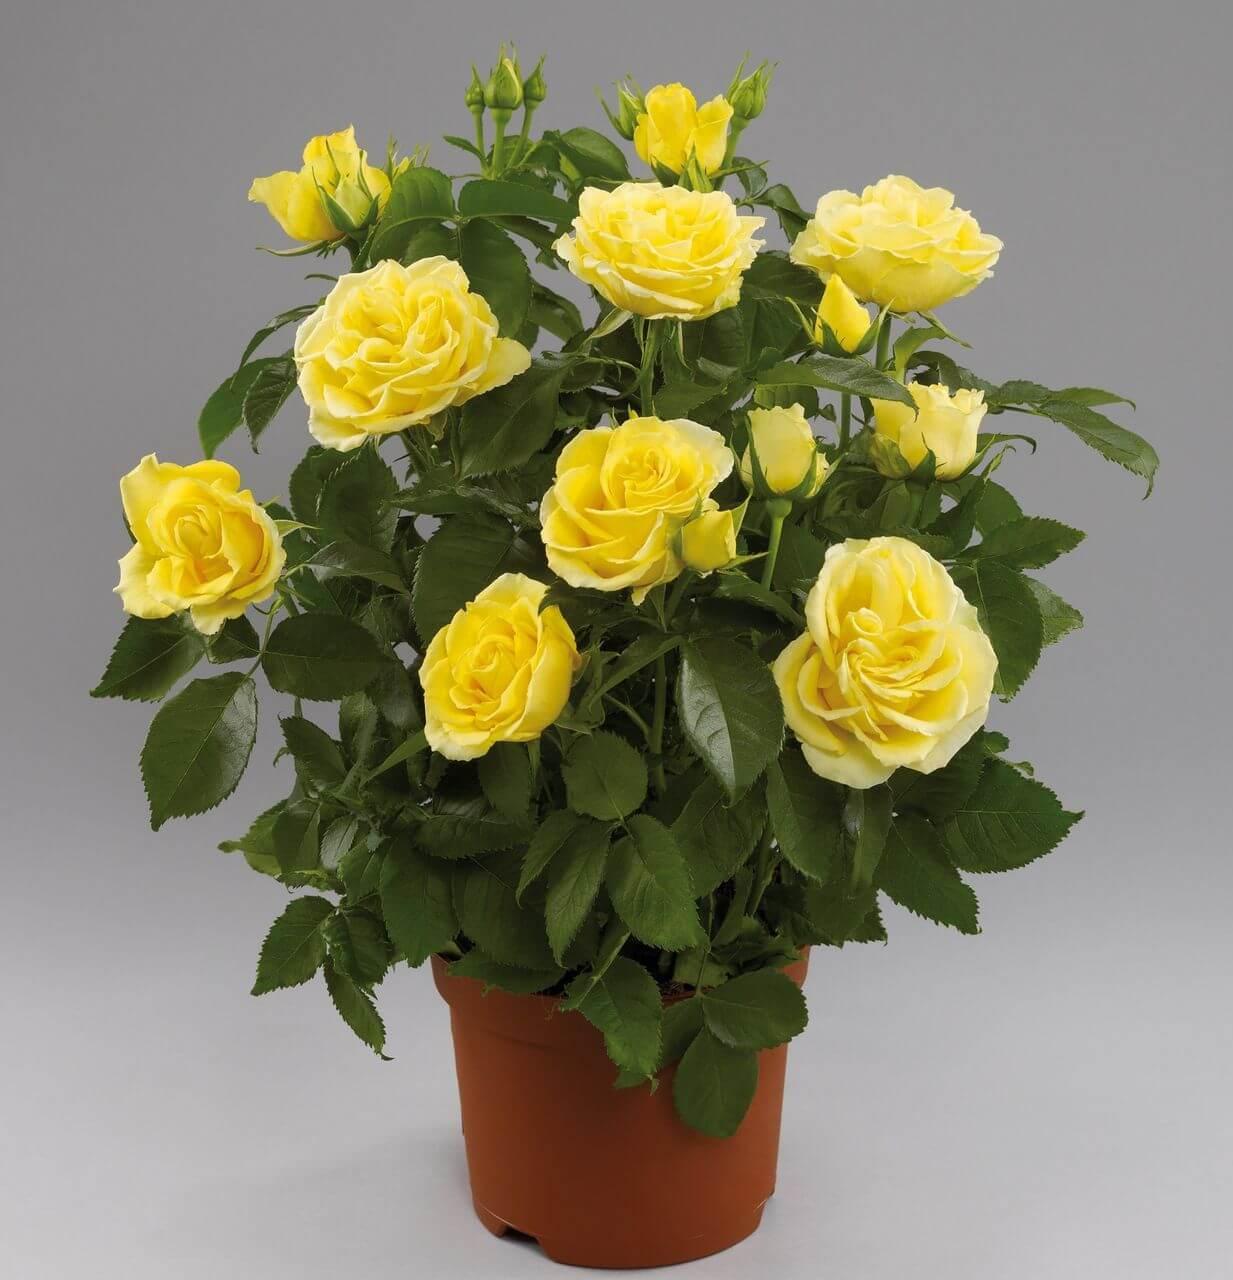 комнатные цветы розы фото рамочку